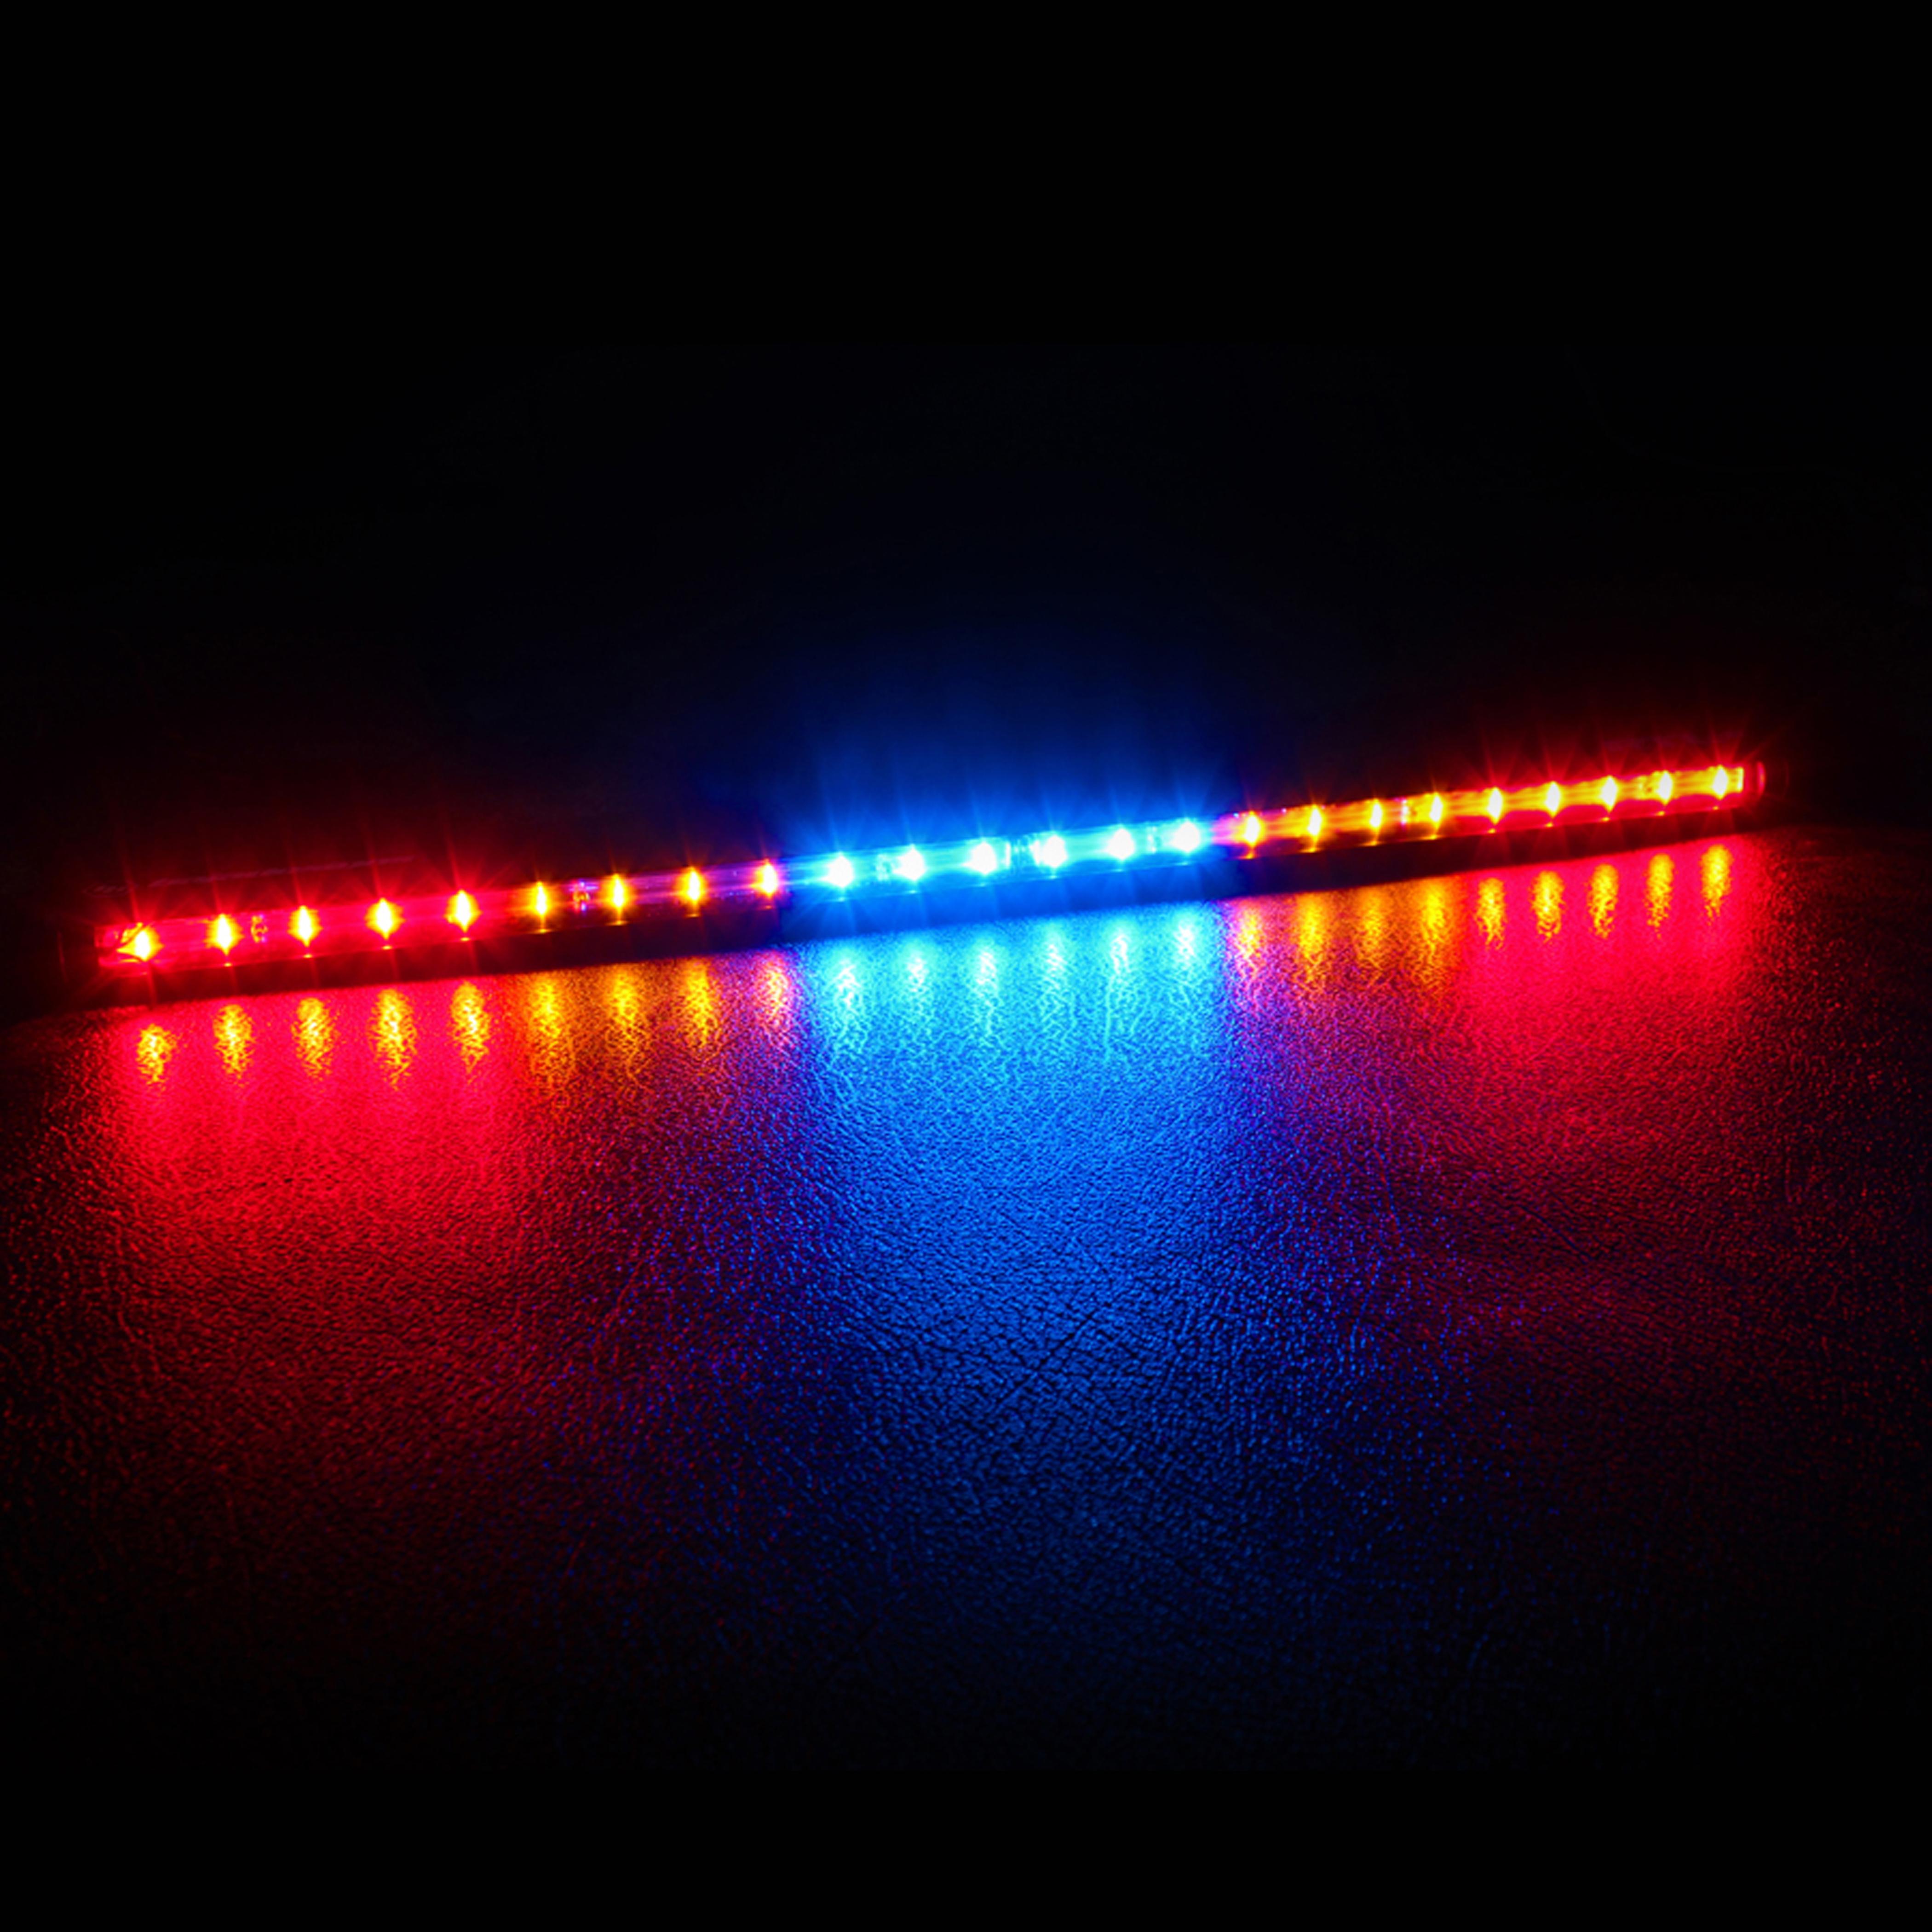 """Design Led Light Setup: Baja Designs RTL-B (Race) Rear Tail Light 30"""" LED Light Bar"""